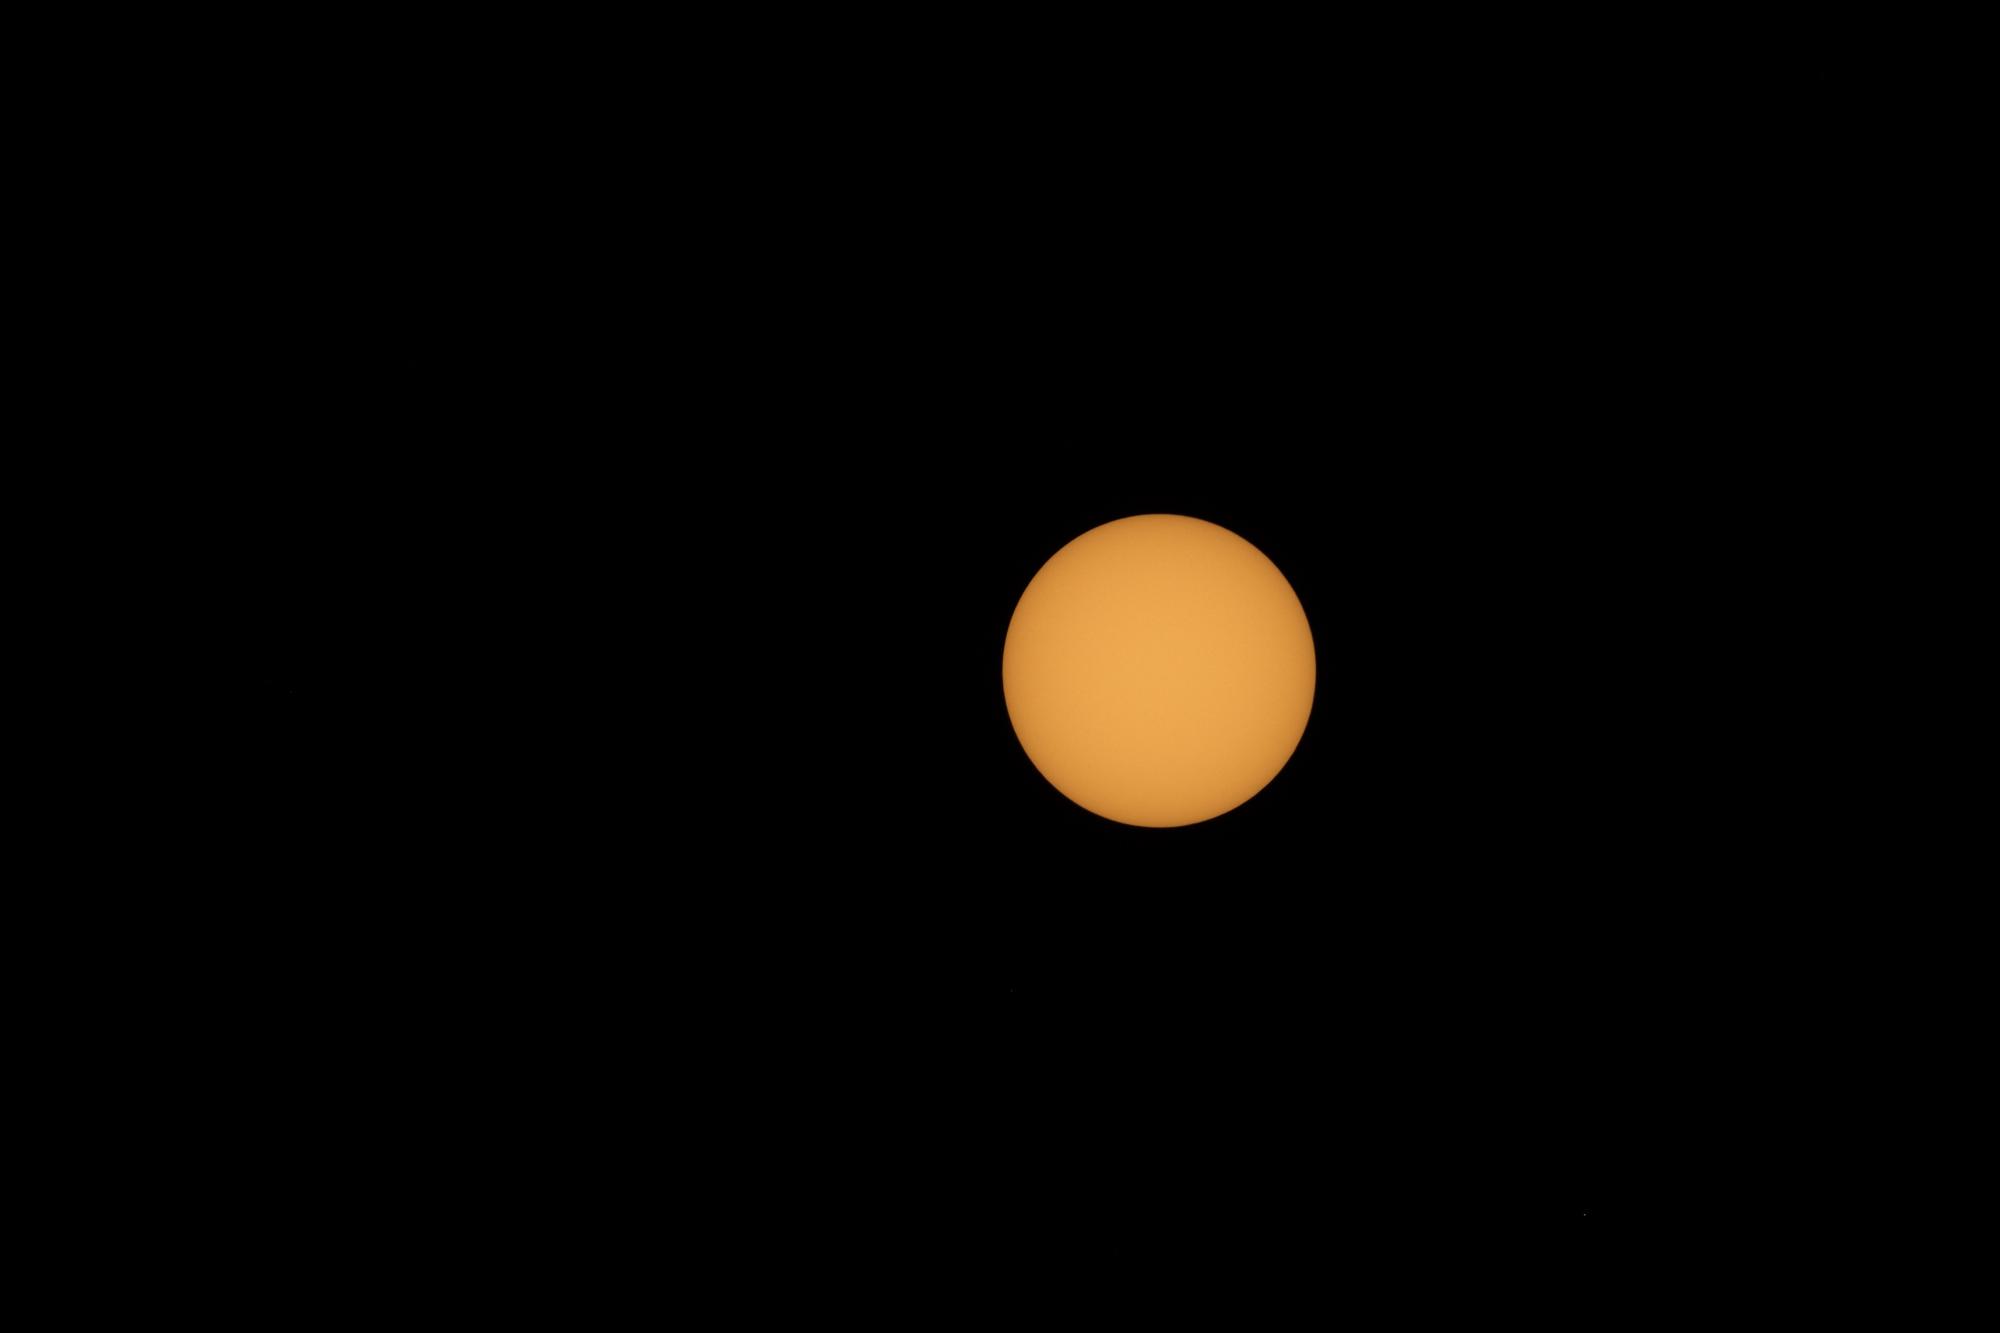 Sun_600.jpg